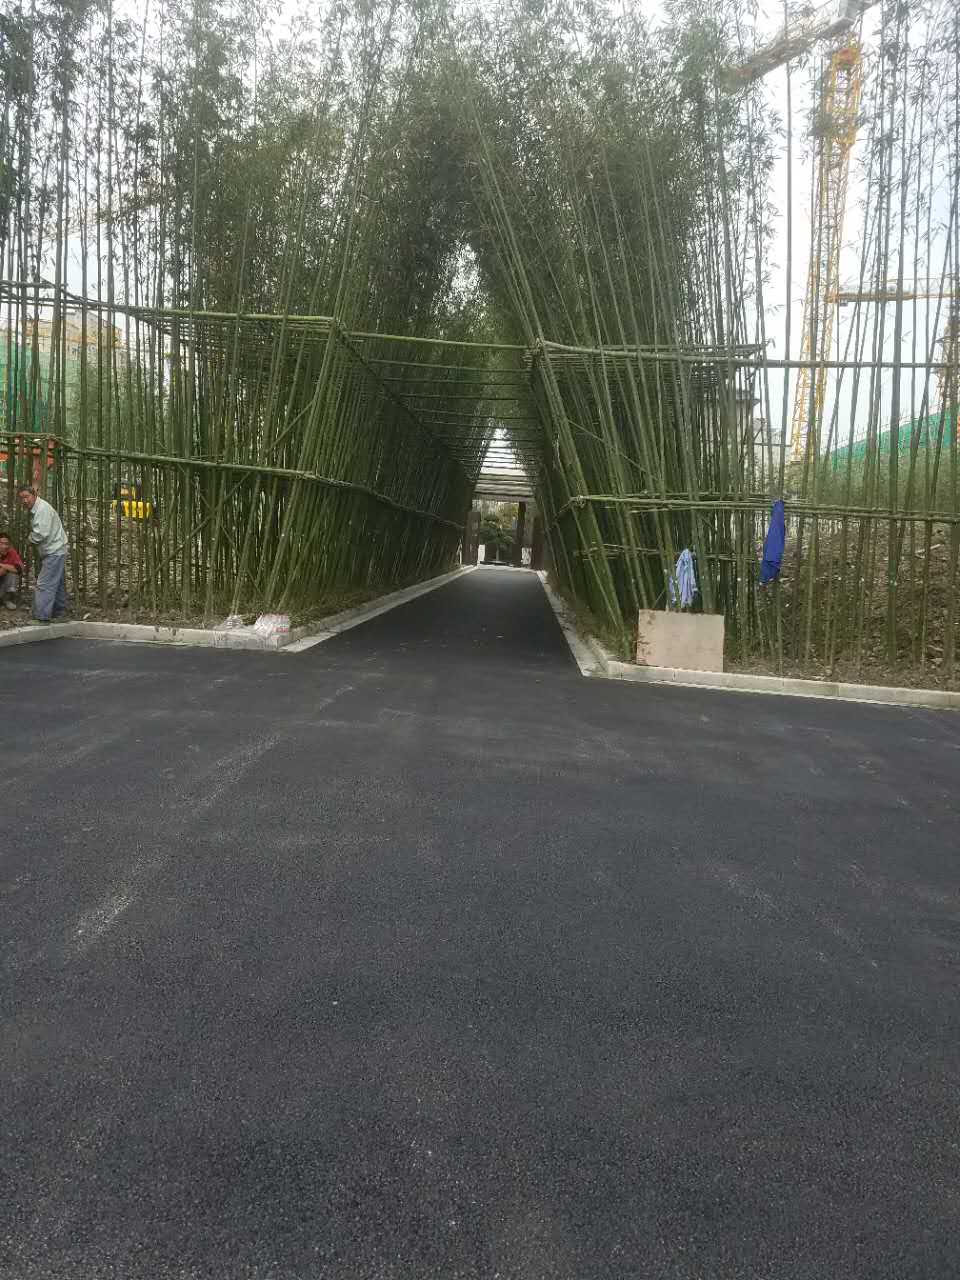 青浦区捷克住宅小区新万博manbetx官网登录路面摊铺